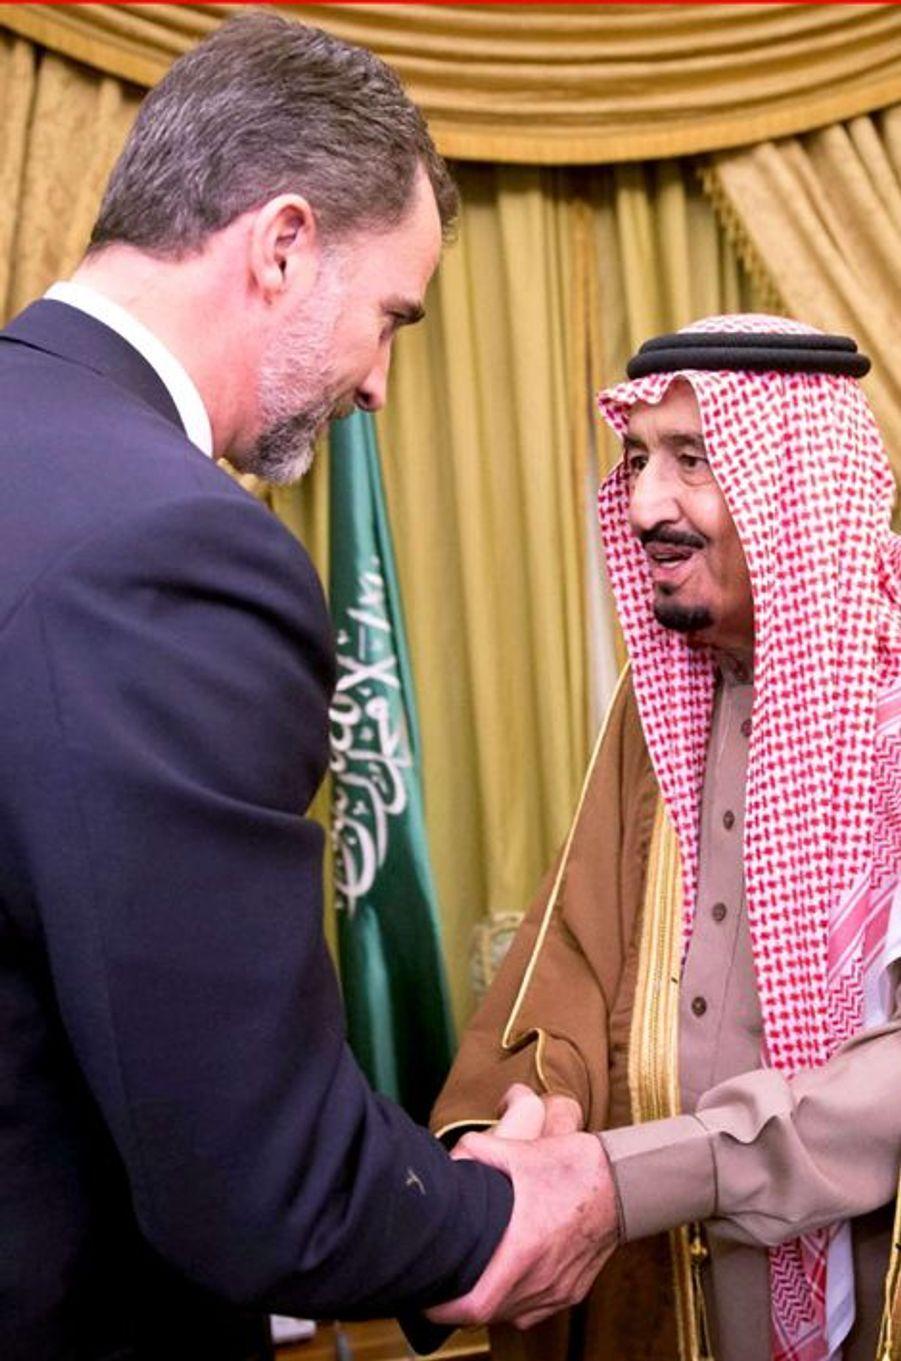 Le roi Felipe VI d'Espagne à Riyad, le 24 janvier 2014